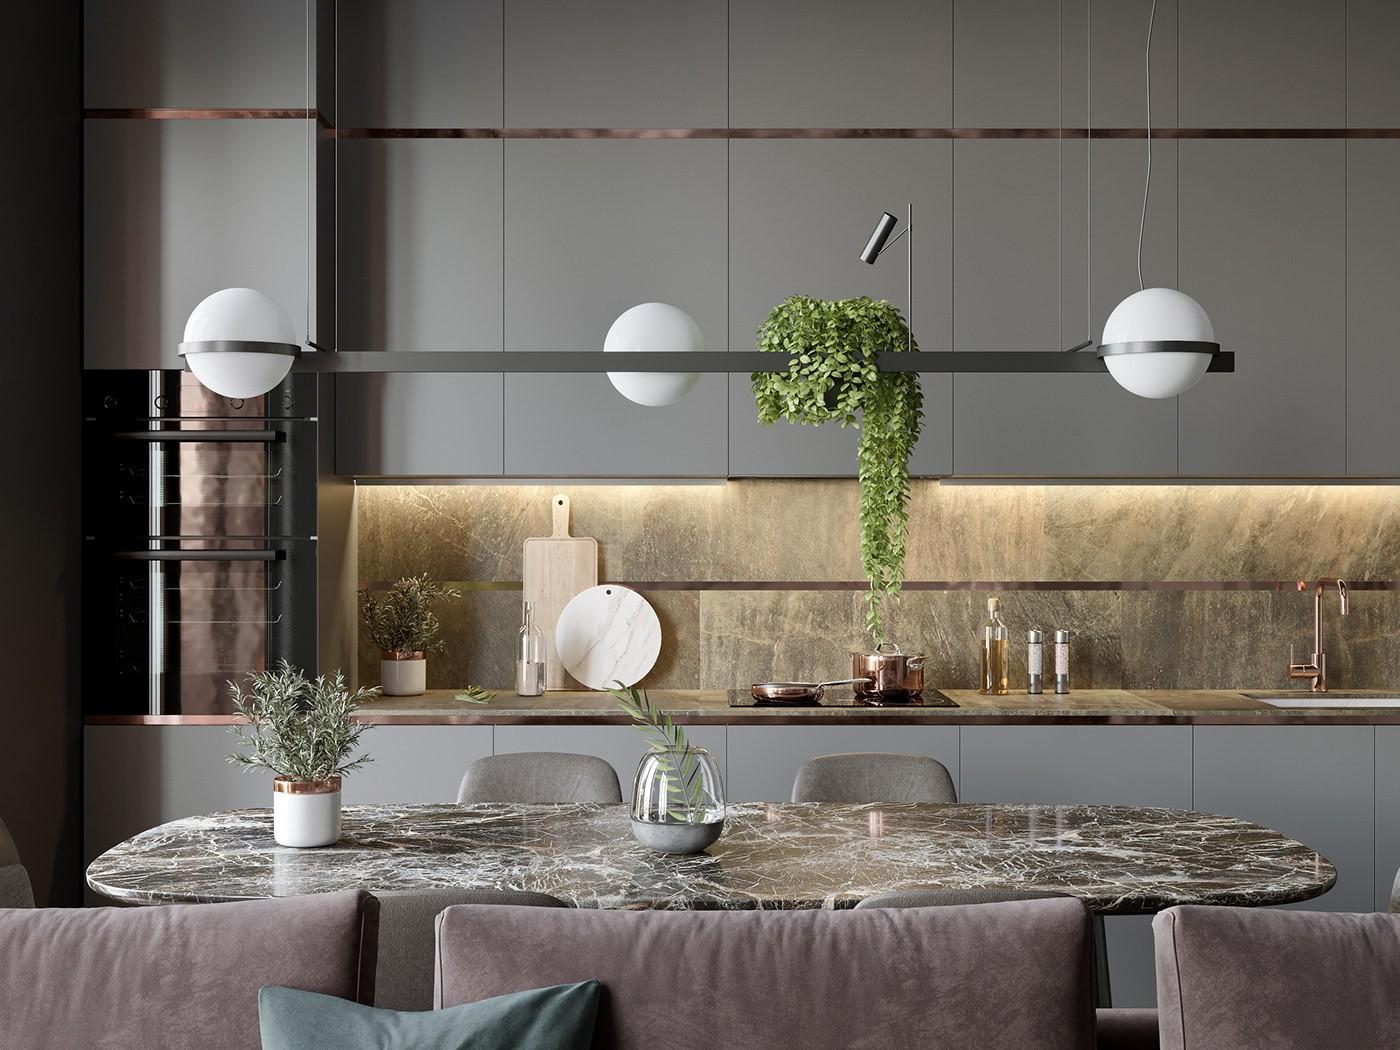 2020現代簡約廚房裝修圖 2020現代簡約櫥柜裝修設計